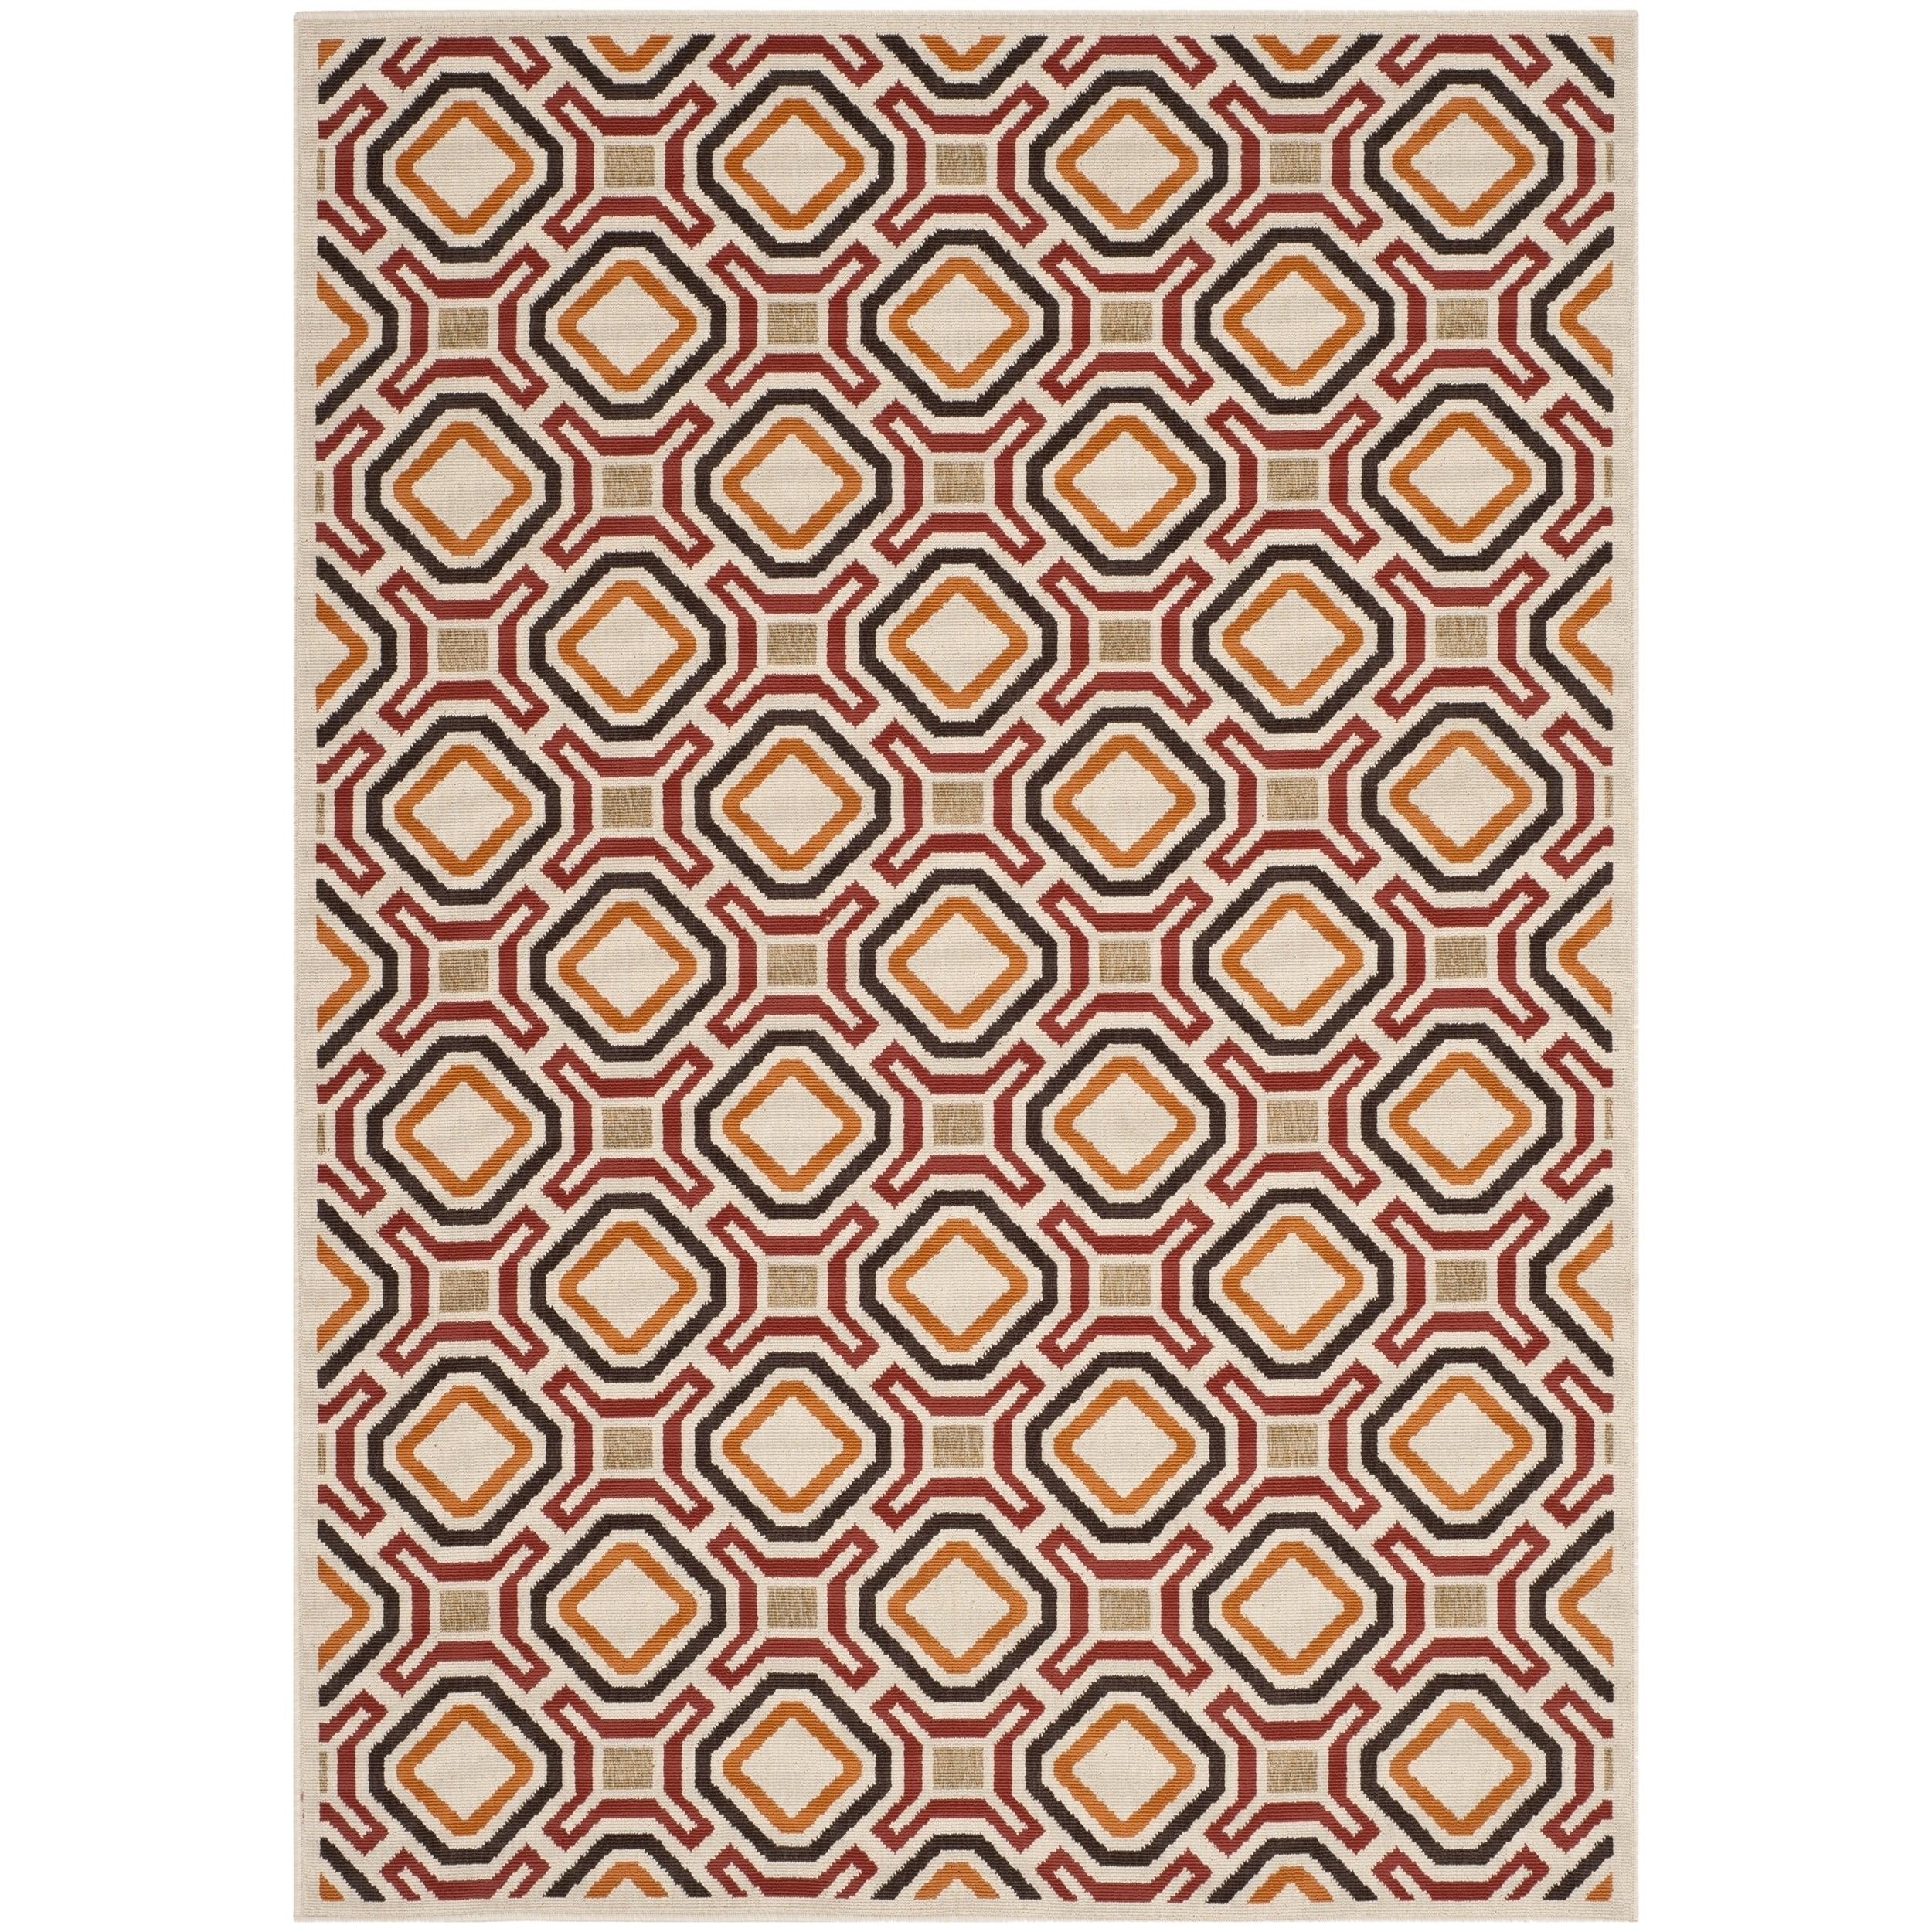 Safavieh Veranda Cream/ Red Geometric Indoor/ Outdoor Rug (8' x 11'2) at Sears.com